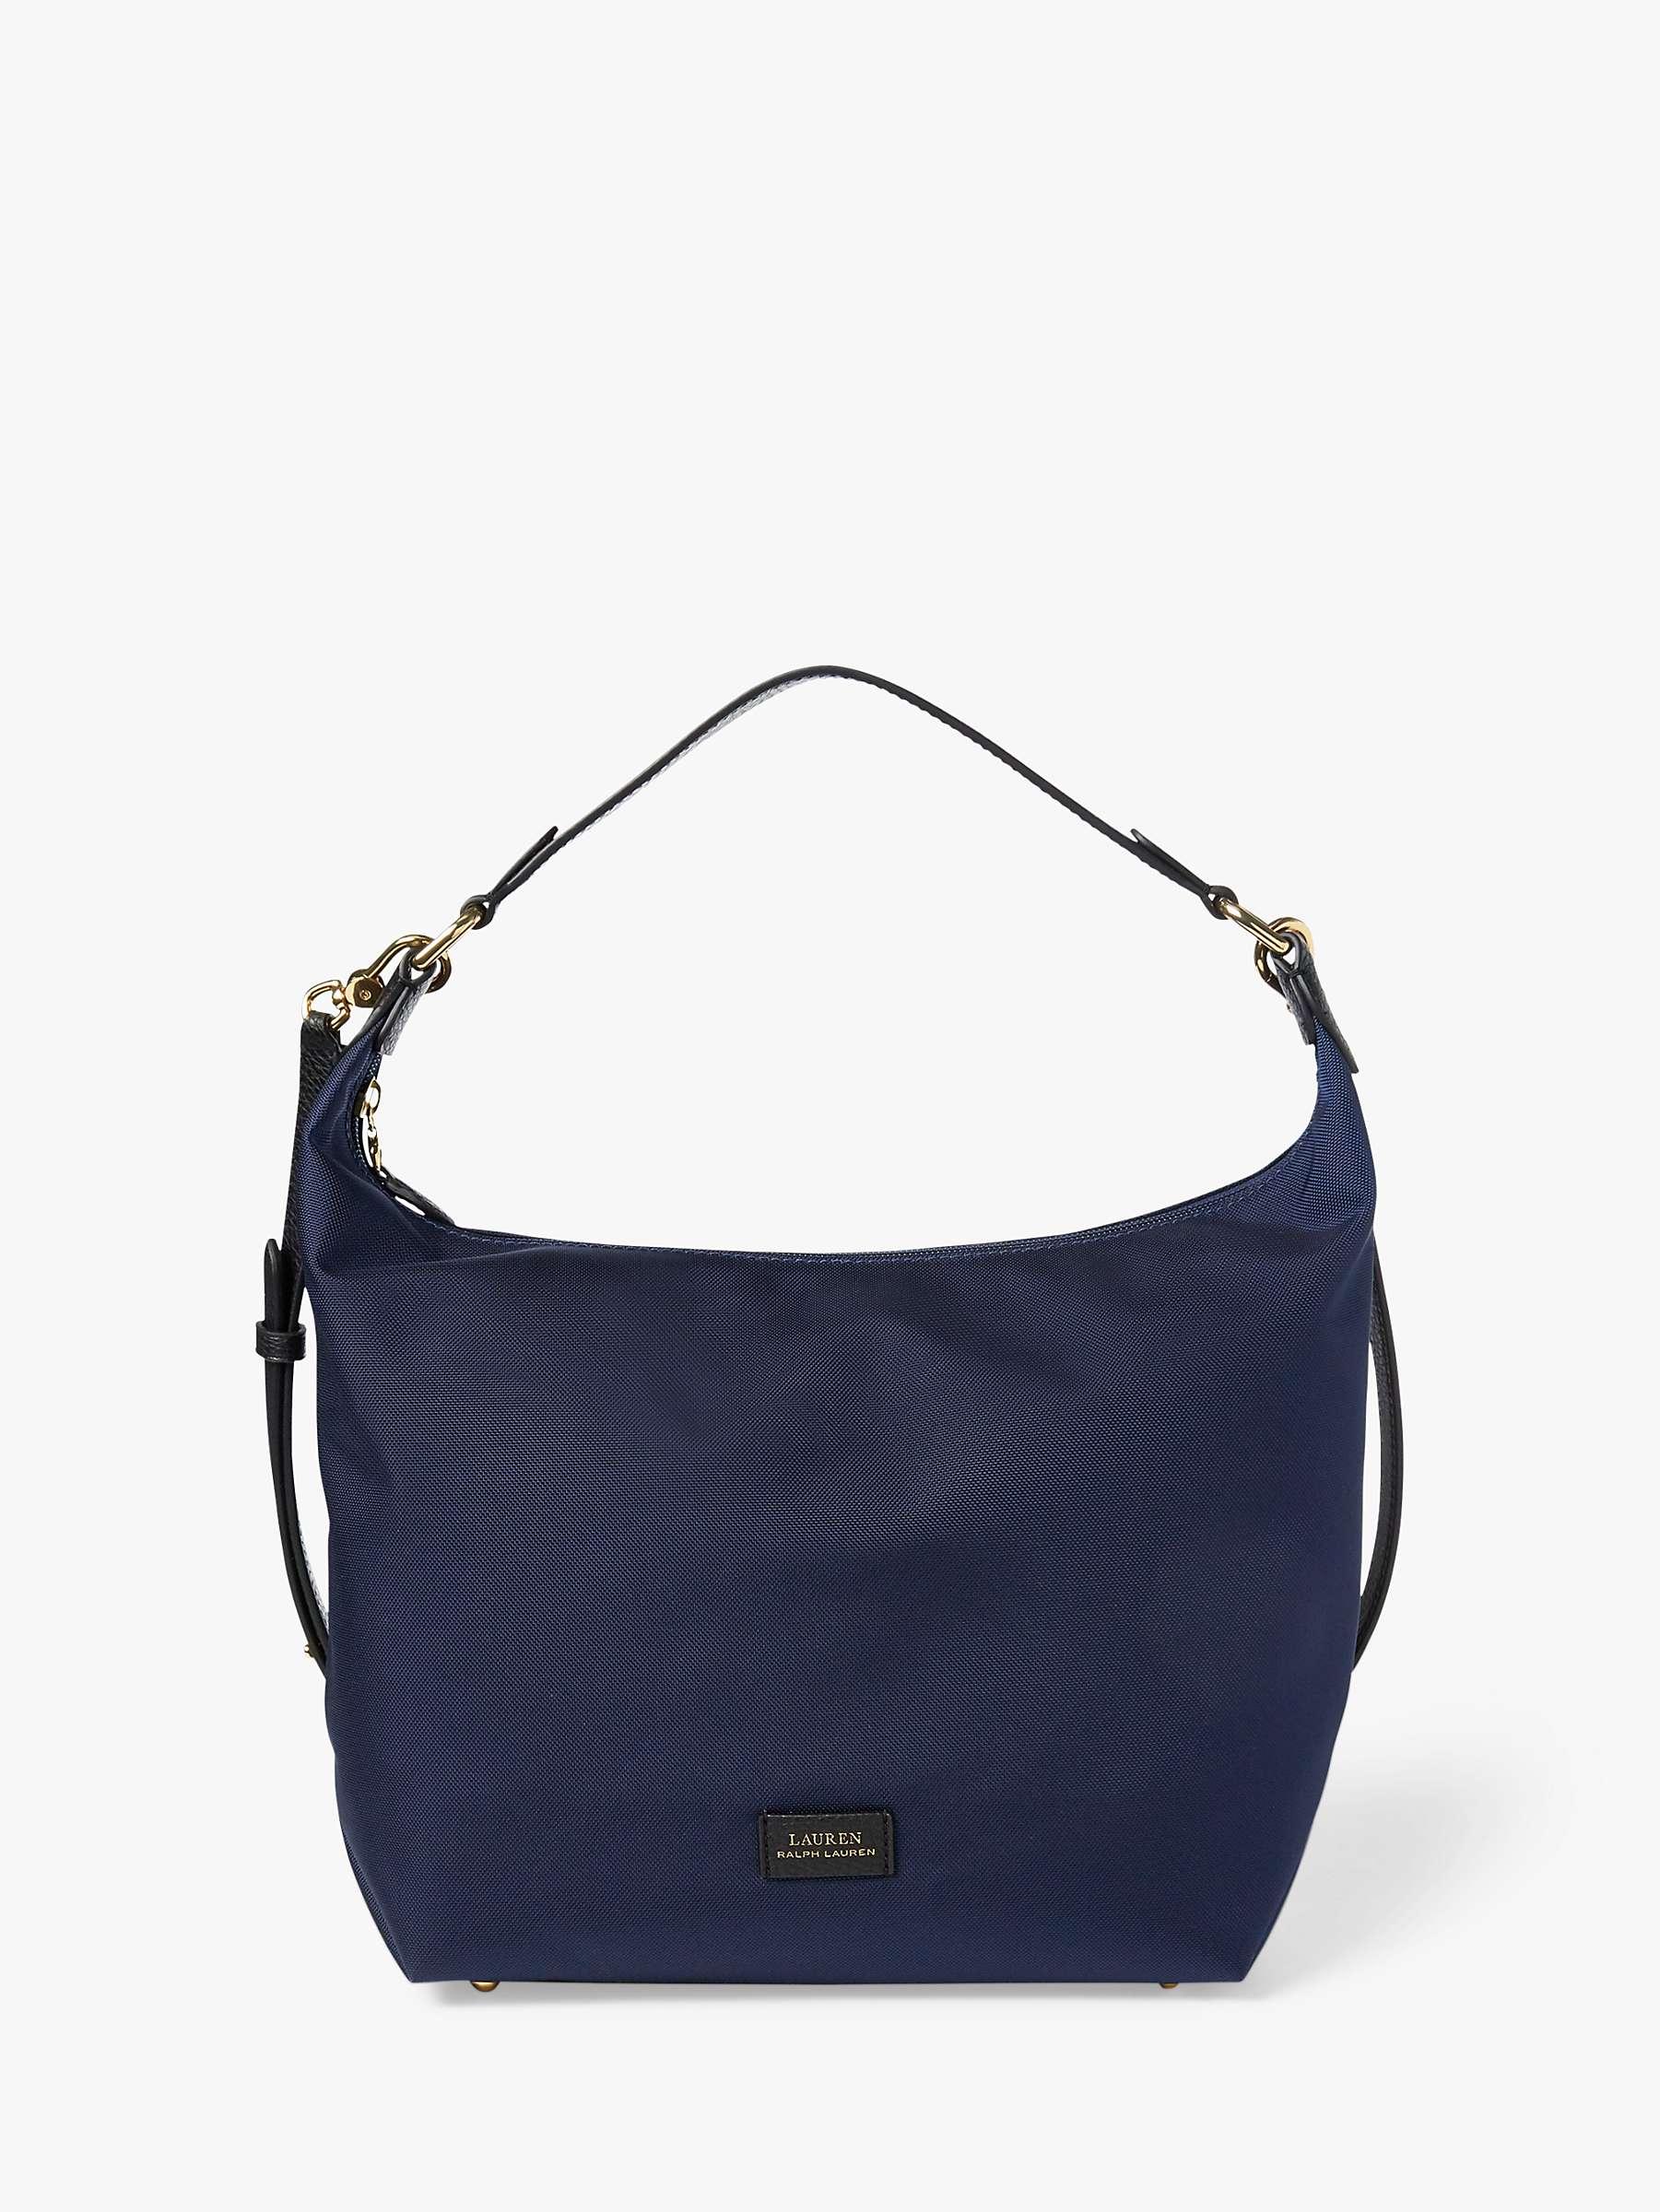 kenkäkauppa uusi tyyli urheilukengät Lauren Ralph Lauren Chadwick Hobo Bag, Navy